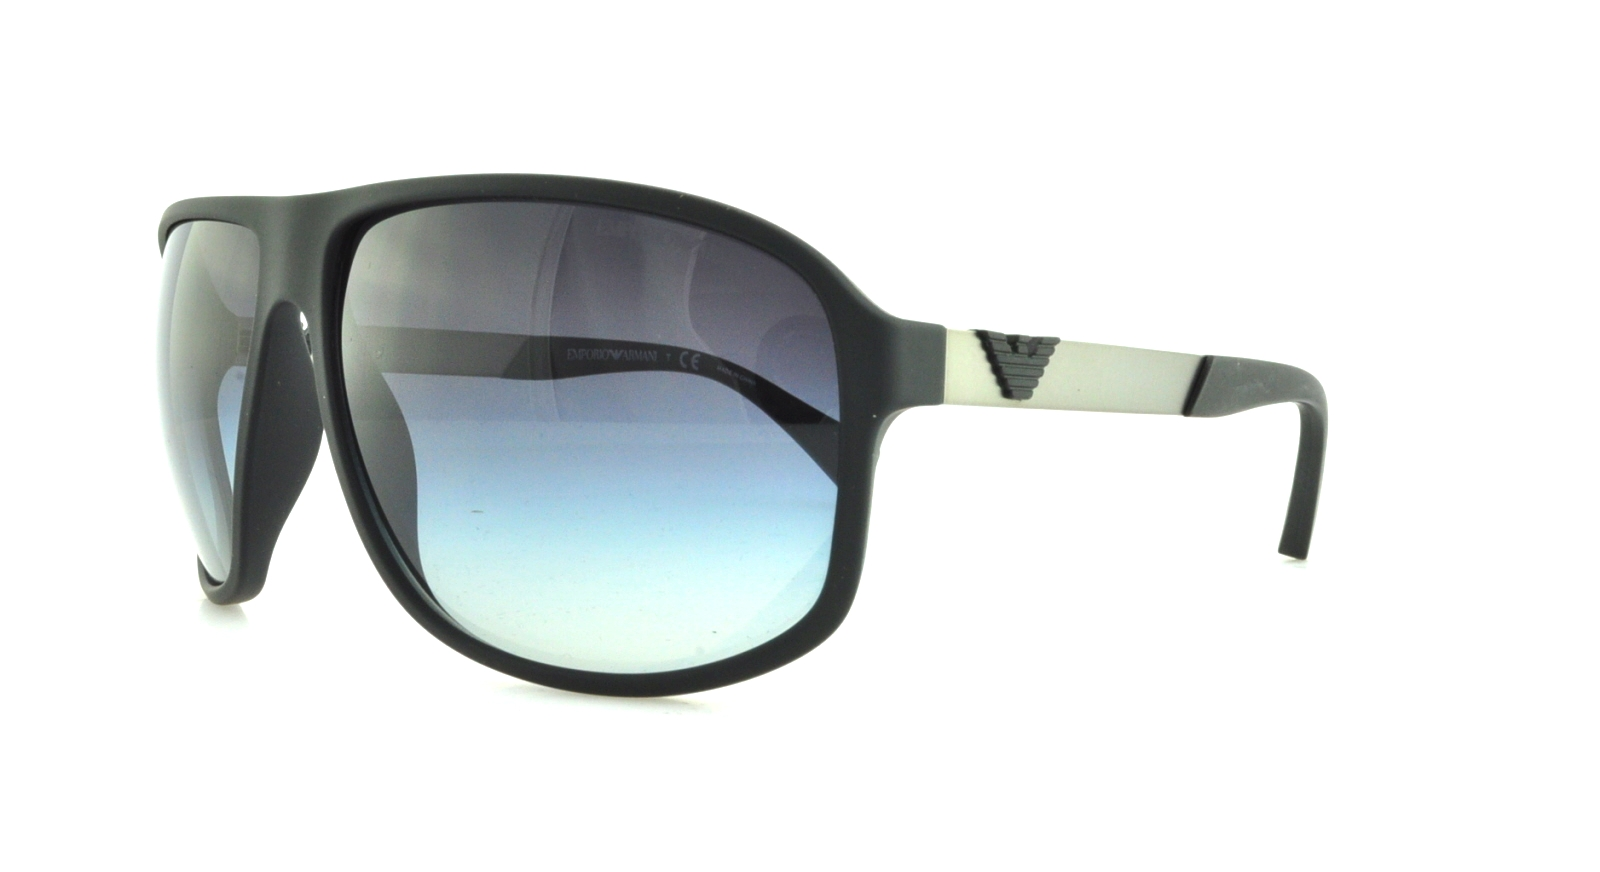 8d805653583 Details about EMPORIO ARMANI Sunglasses EA4029 50638G Black Rubber 64MM